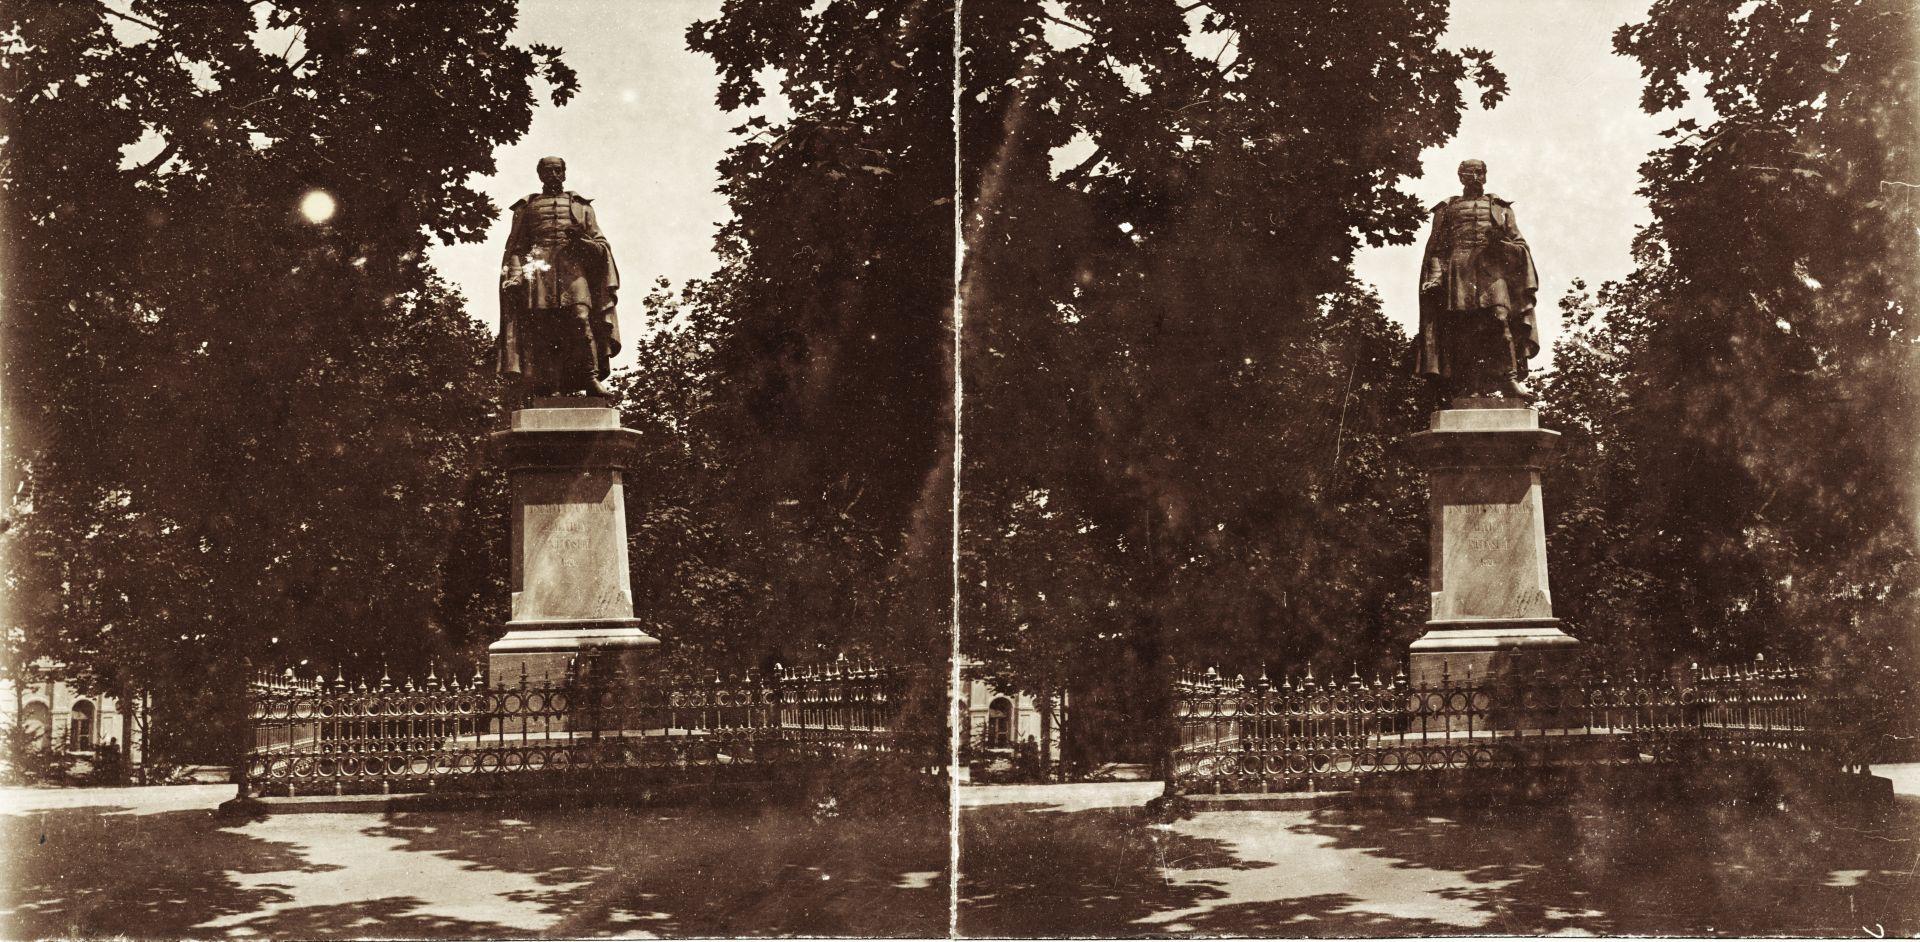 Balatonfüredi Tagore sétány, Kisfaludy Sándor szobra (Vay Miklós, 1876). A felvétel 1894-ben készült.